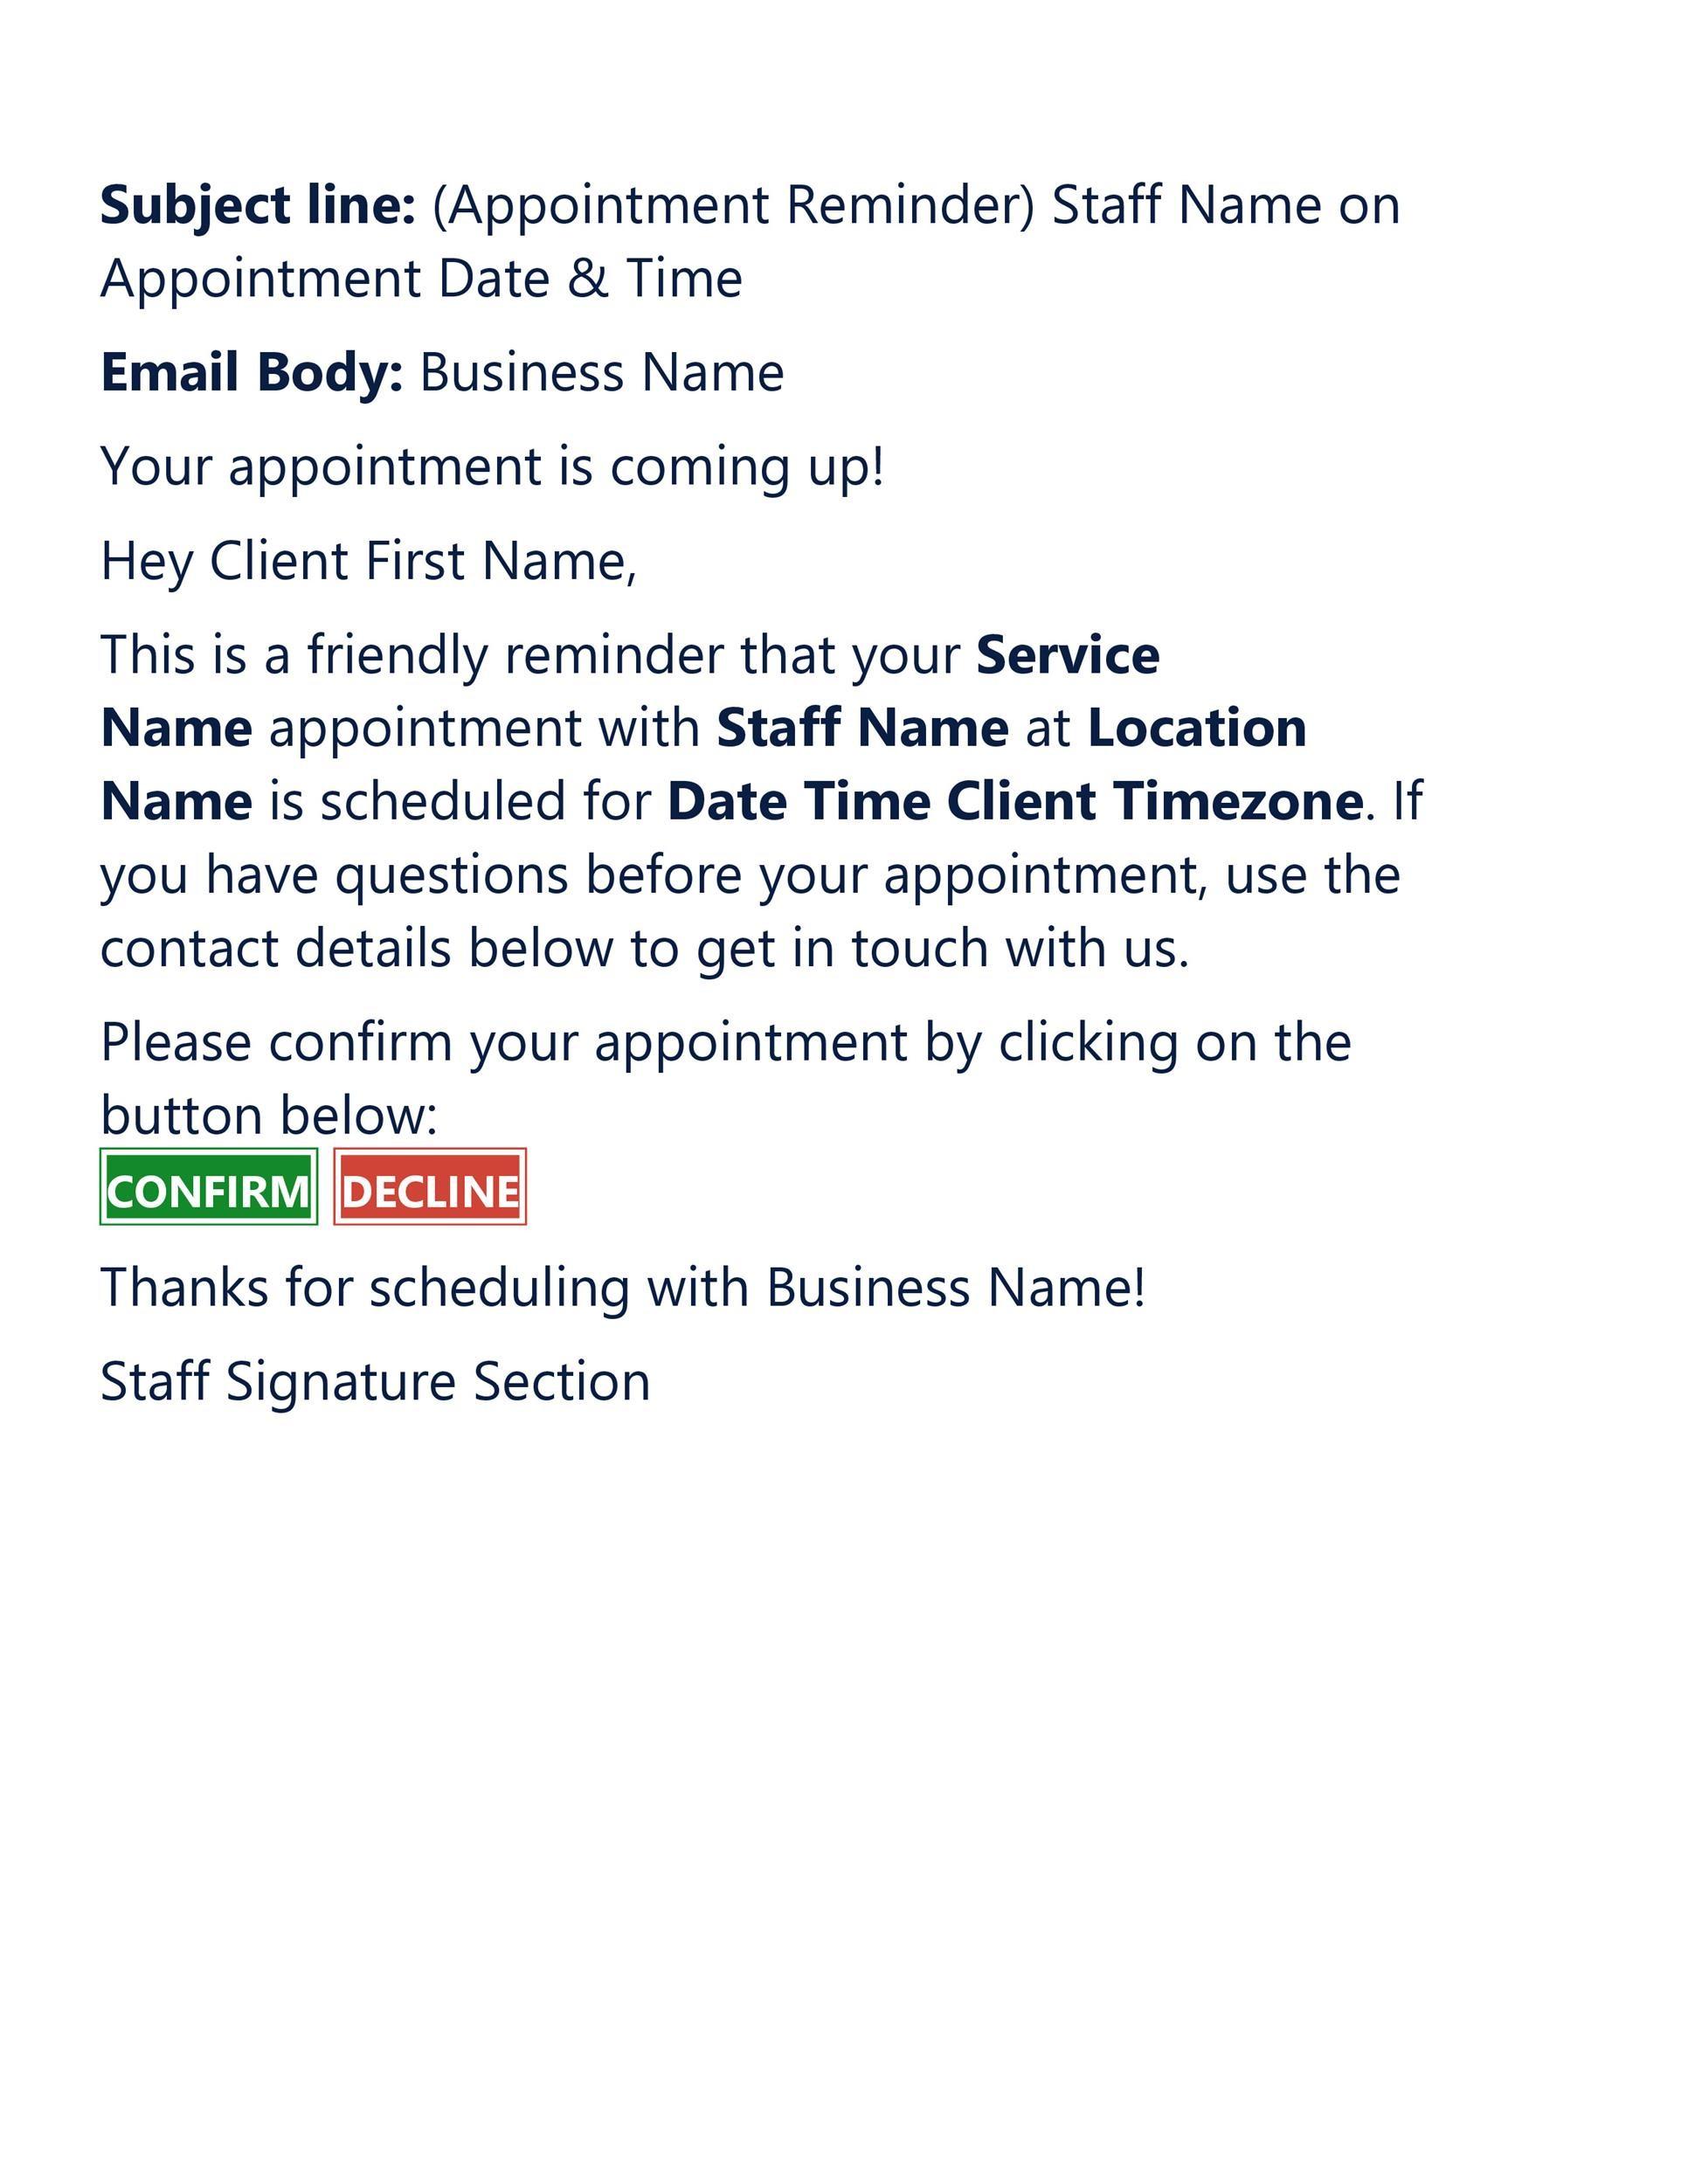 Free reminder email sample 22